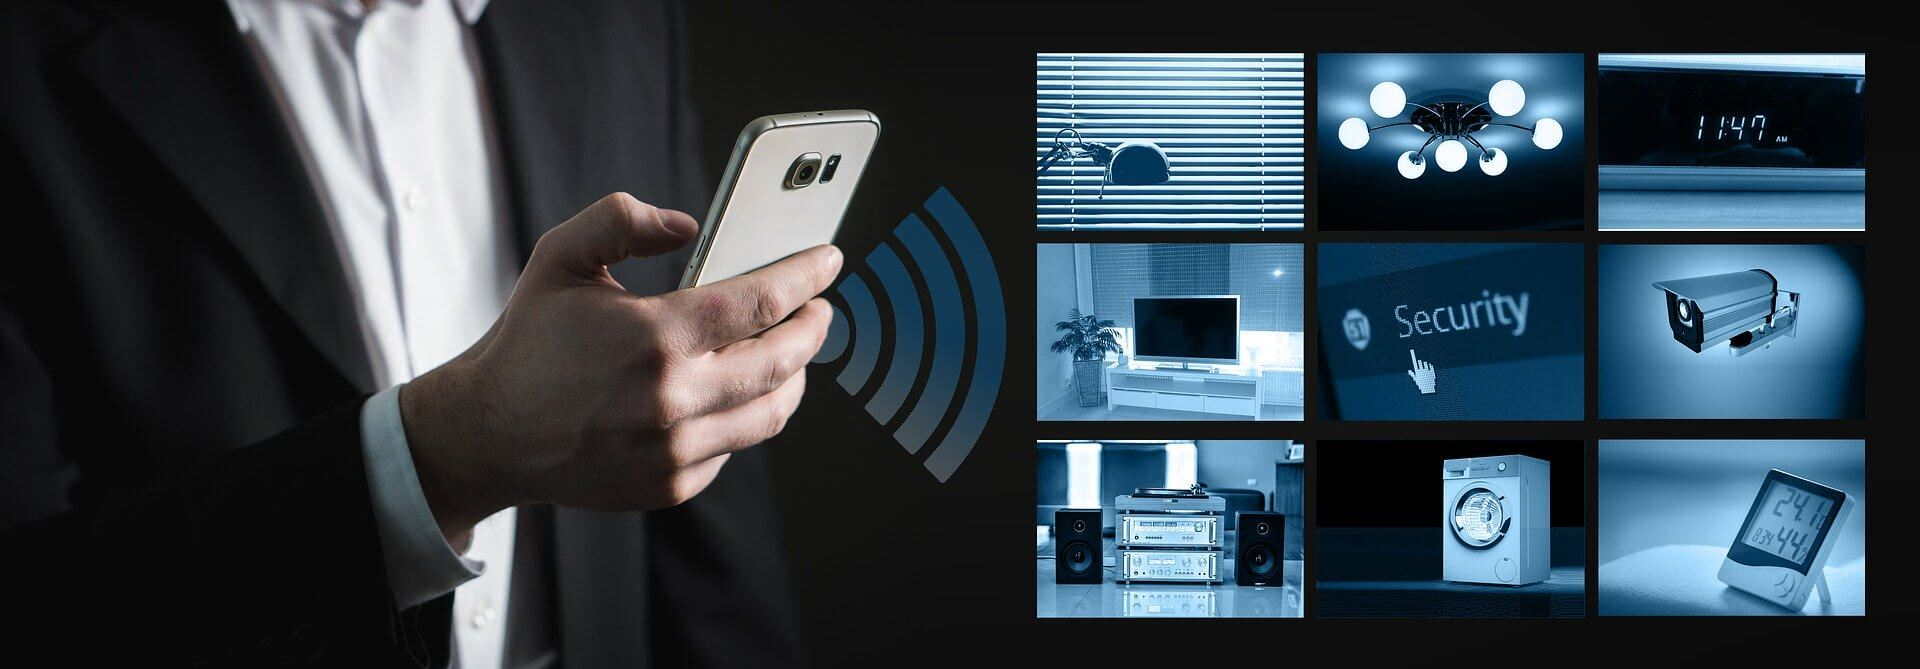 slik beskytter du IoT-smarthjemmet mot hackere